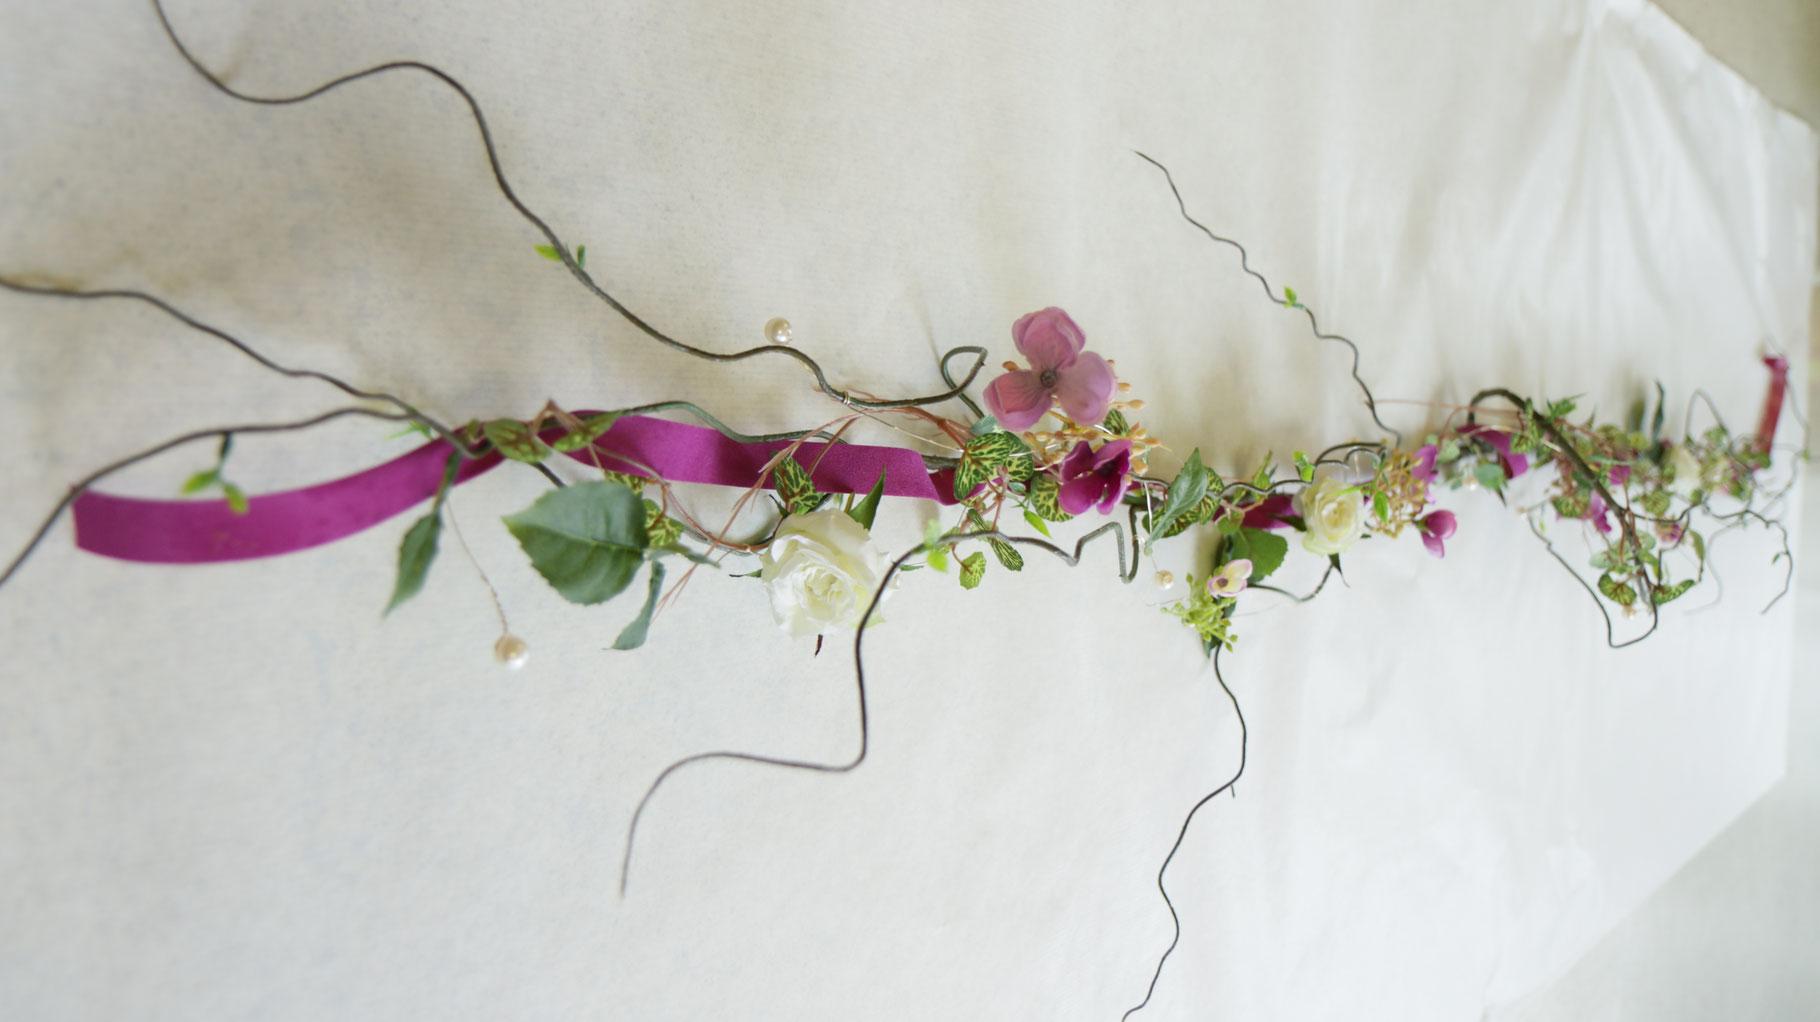 tischschmuck seidenblumen haarschmuck hochzeit aussenbepflanzung kunstpflanzen. Black Bedroom Furniture Sets. Home Design Ideas